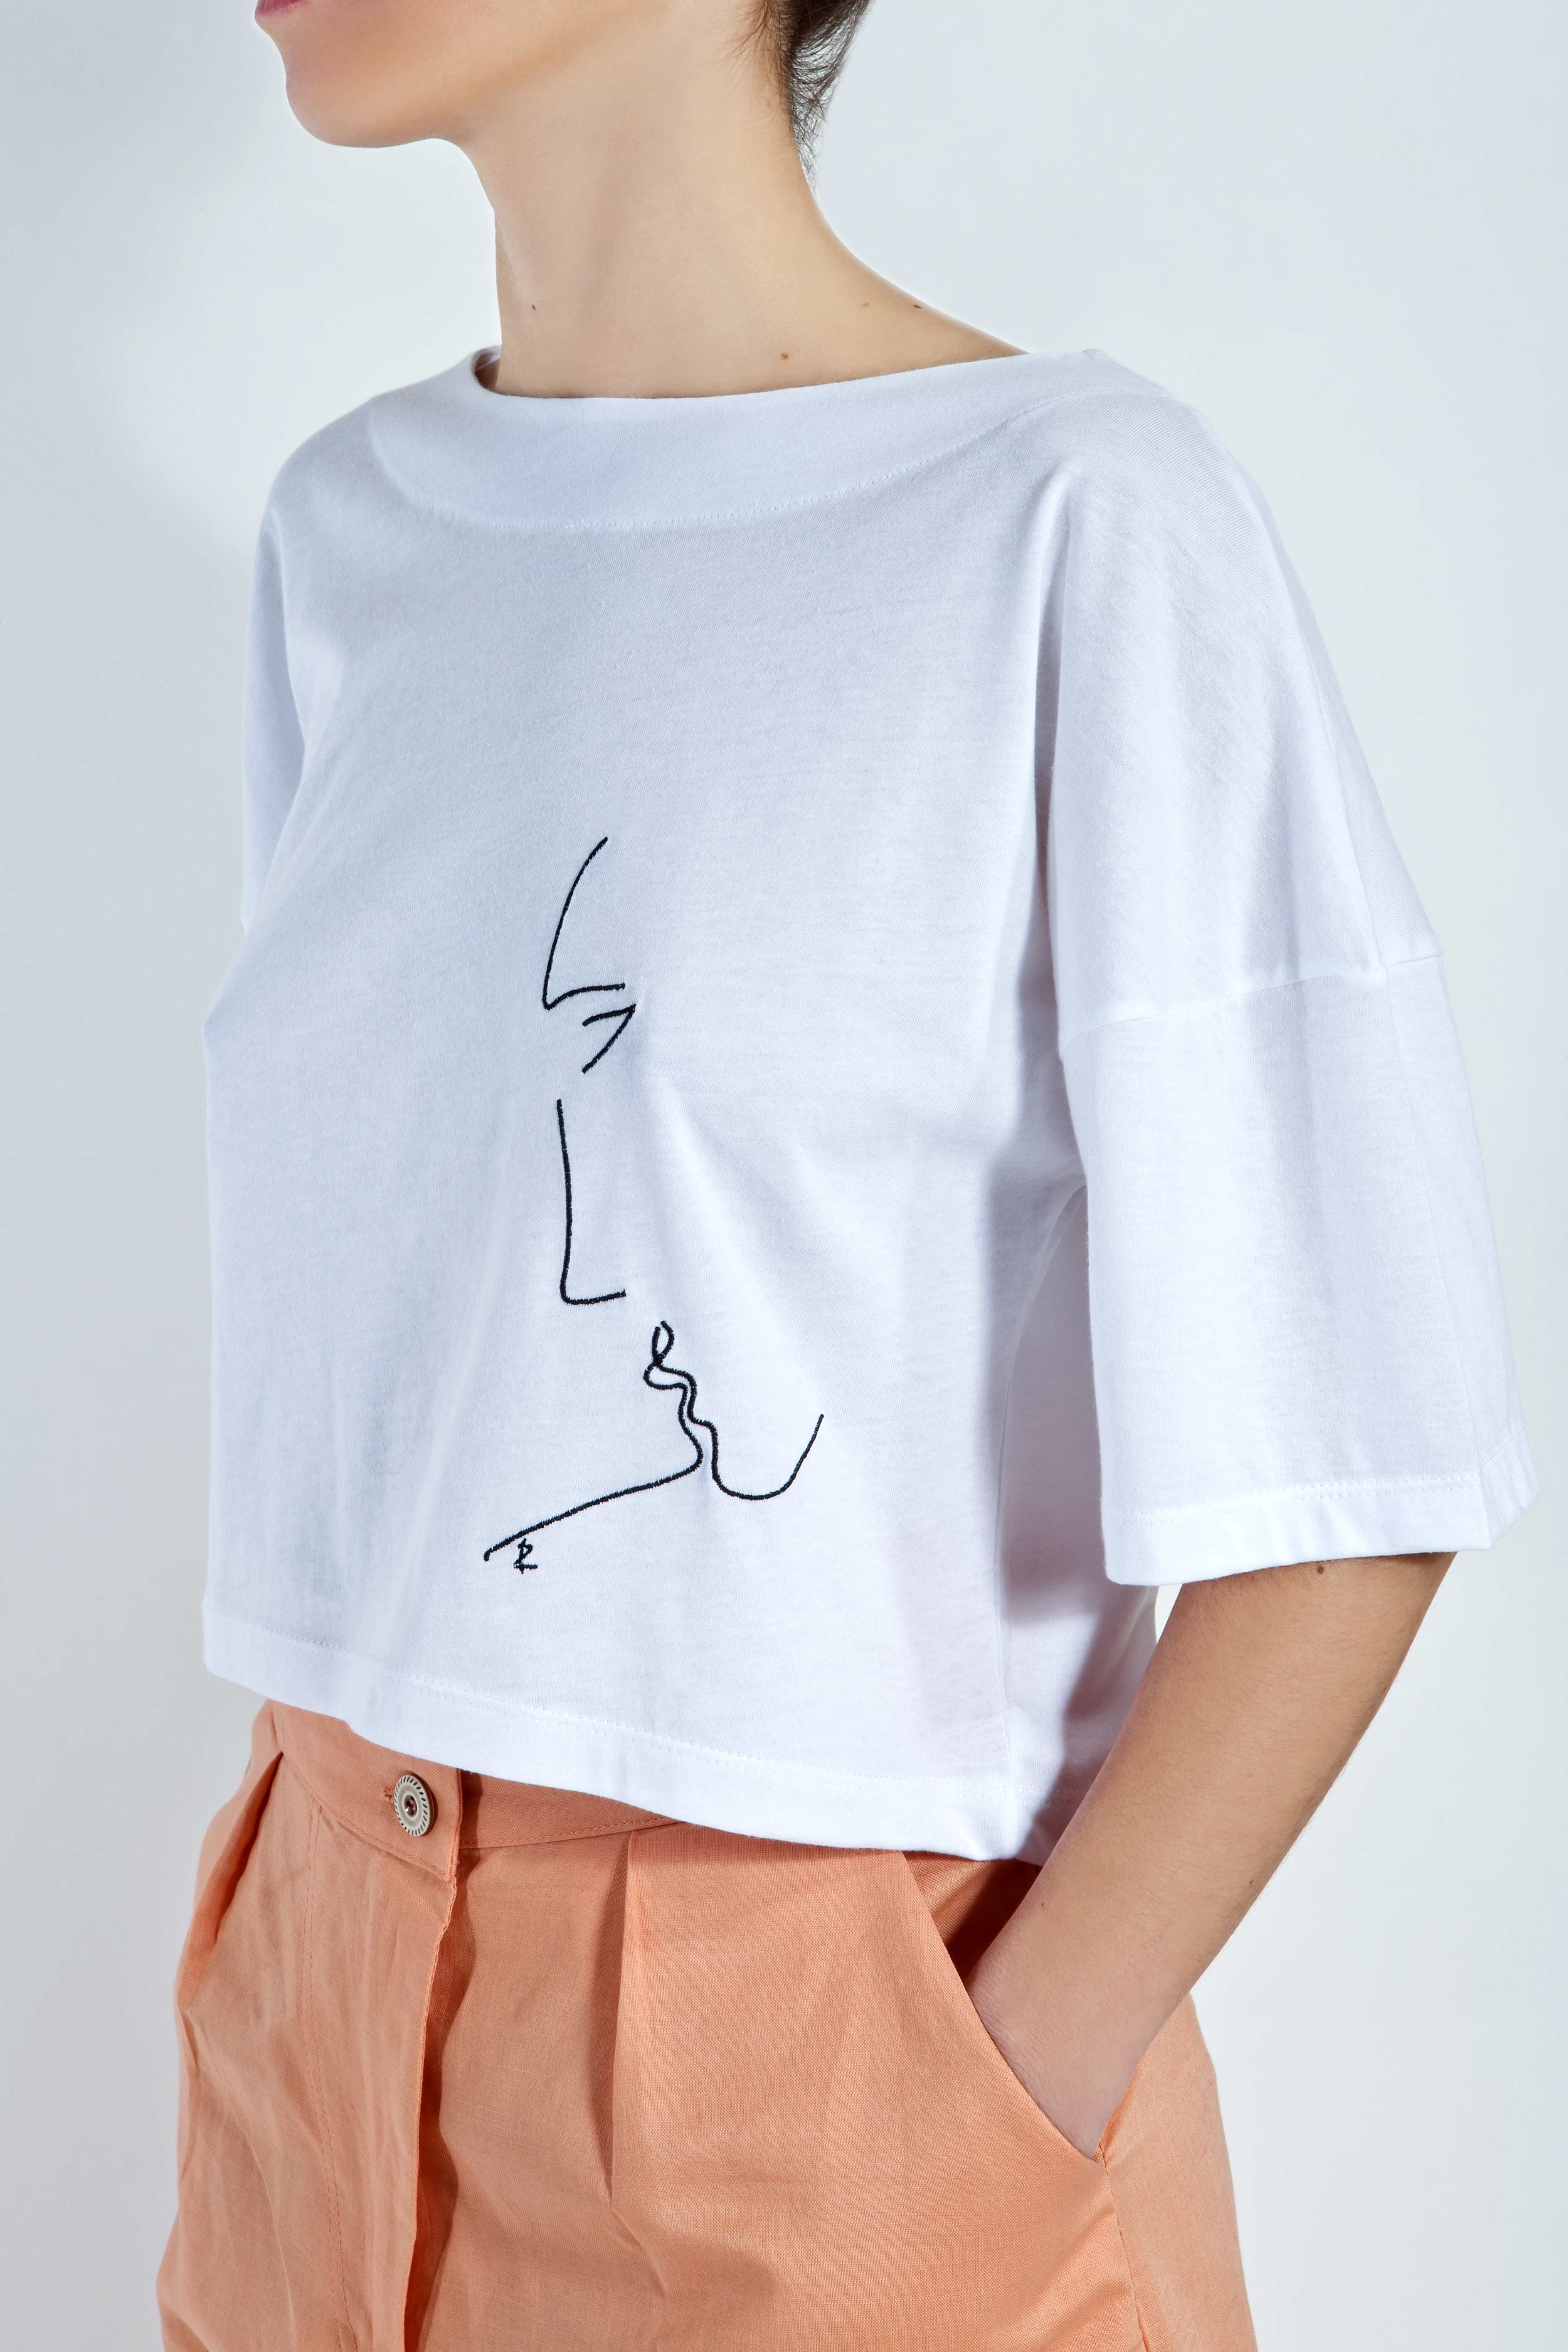 T-Shirt Phaino - White - Minimal Kiss